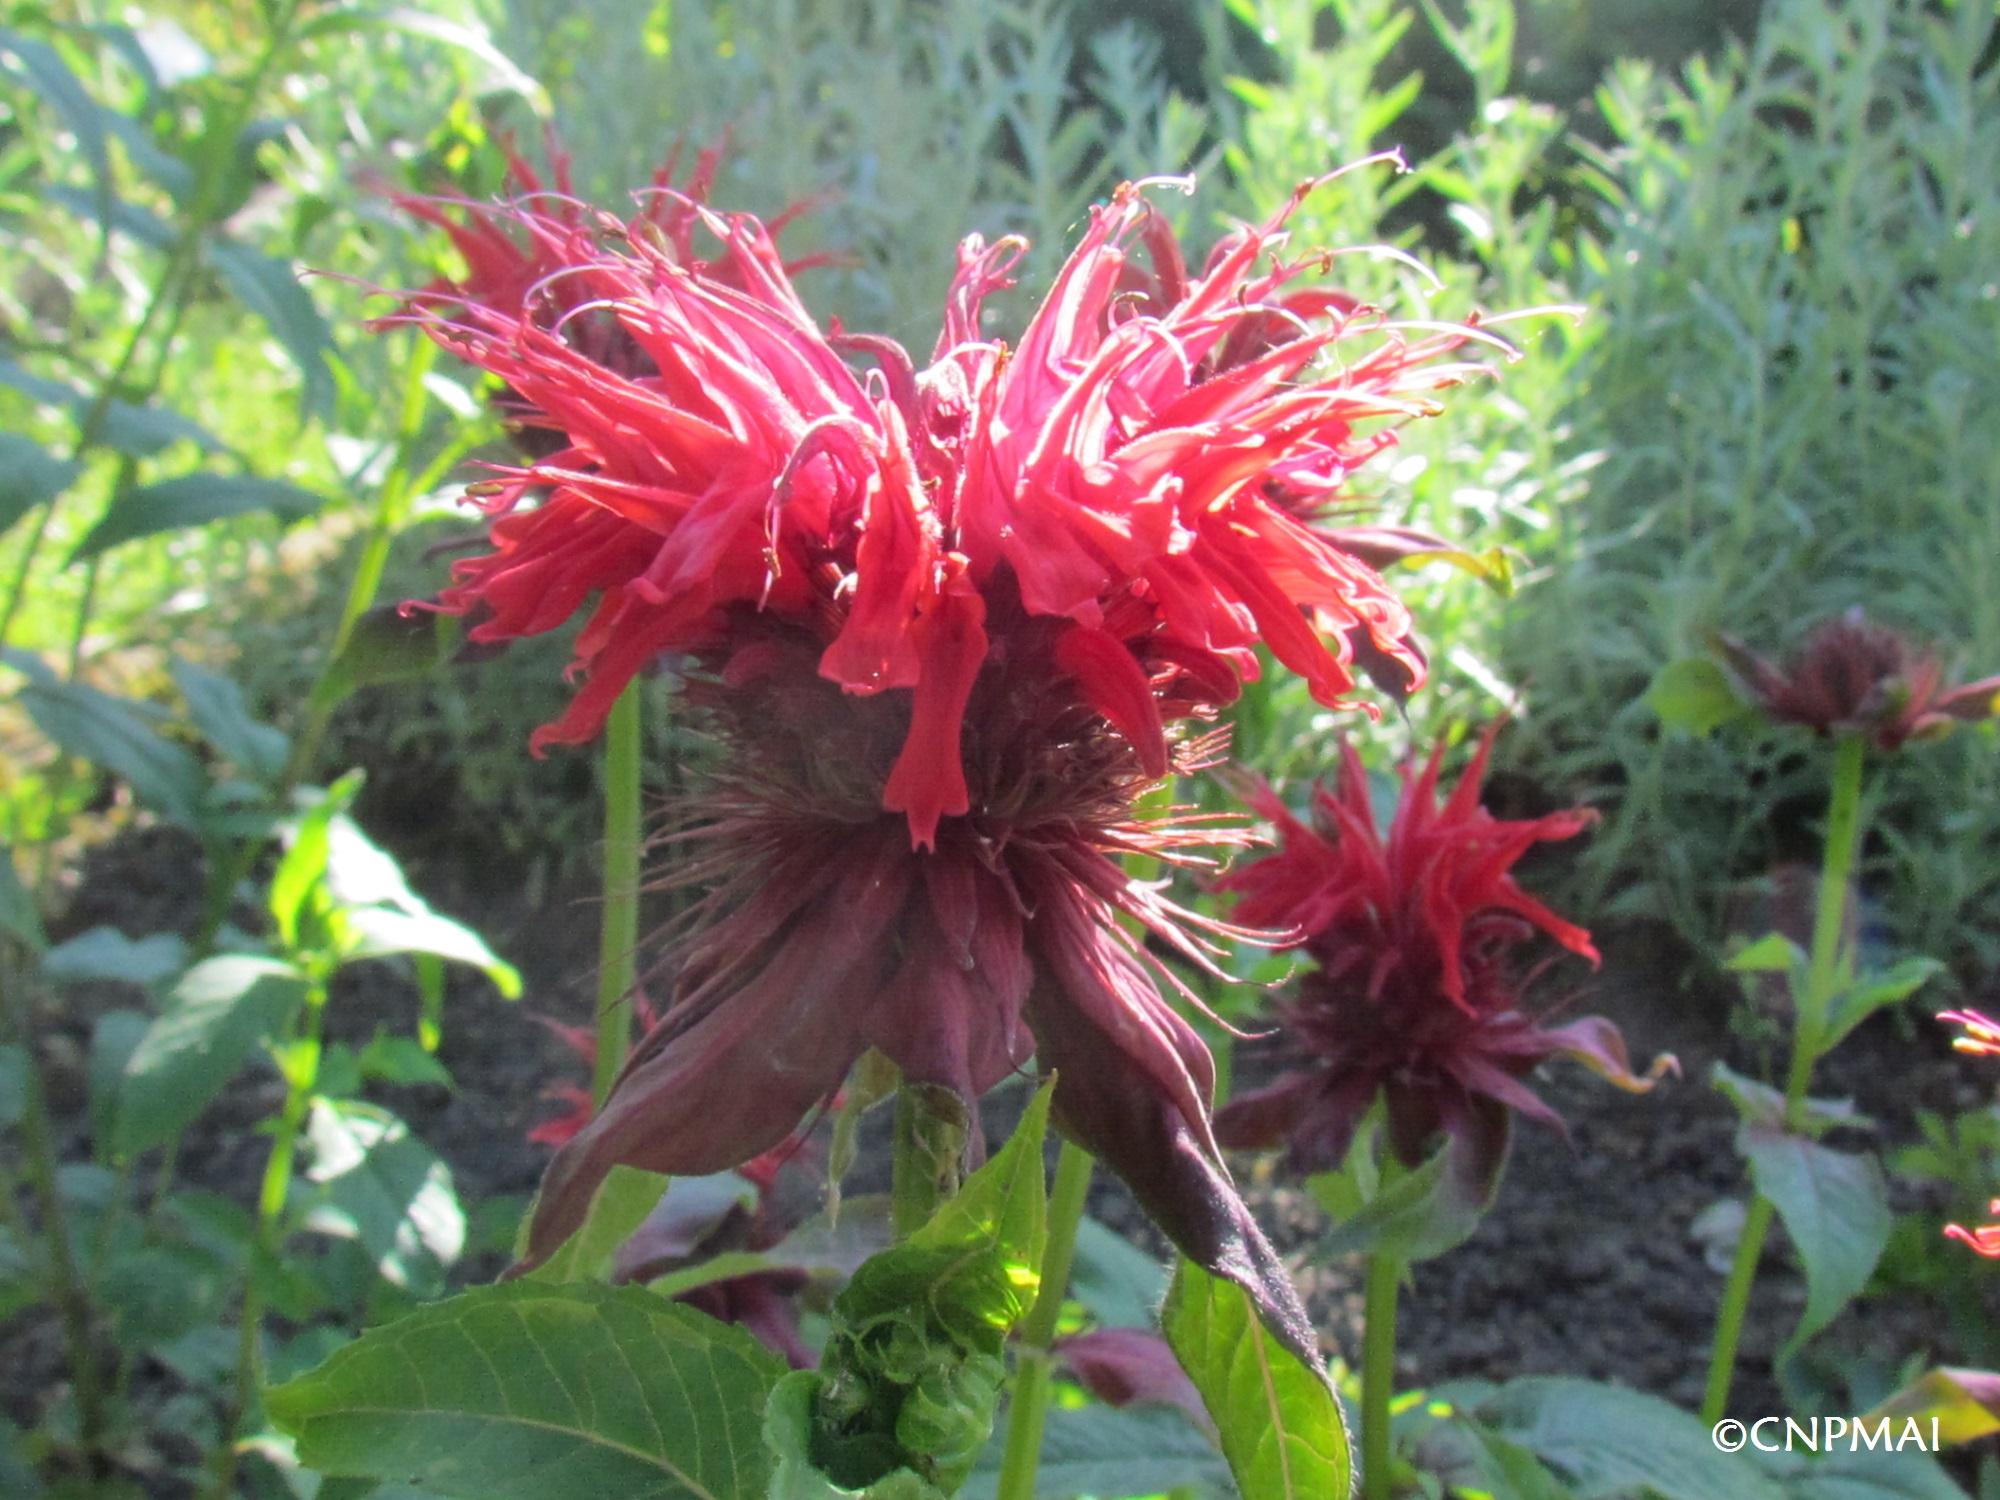 Monarda didyma 'Cambridge scarlett', une des premières variétés de Monarde à avoir été sélectionnée à des fins horticoles